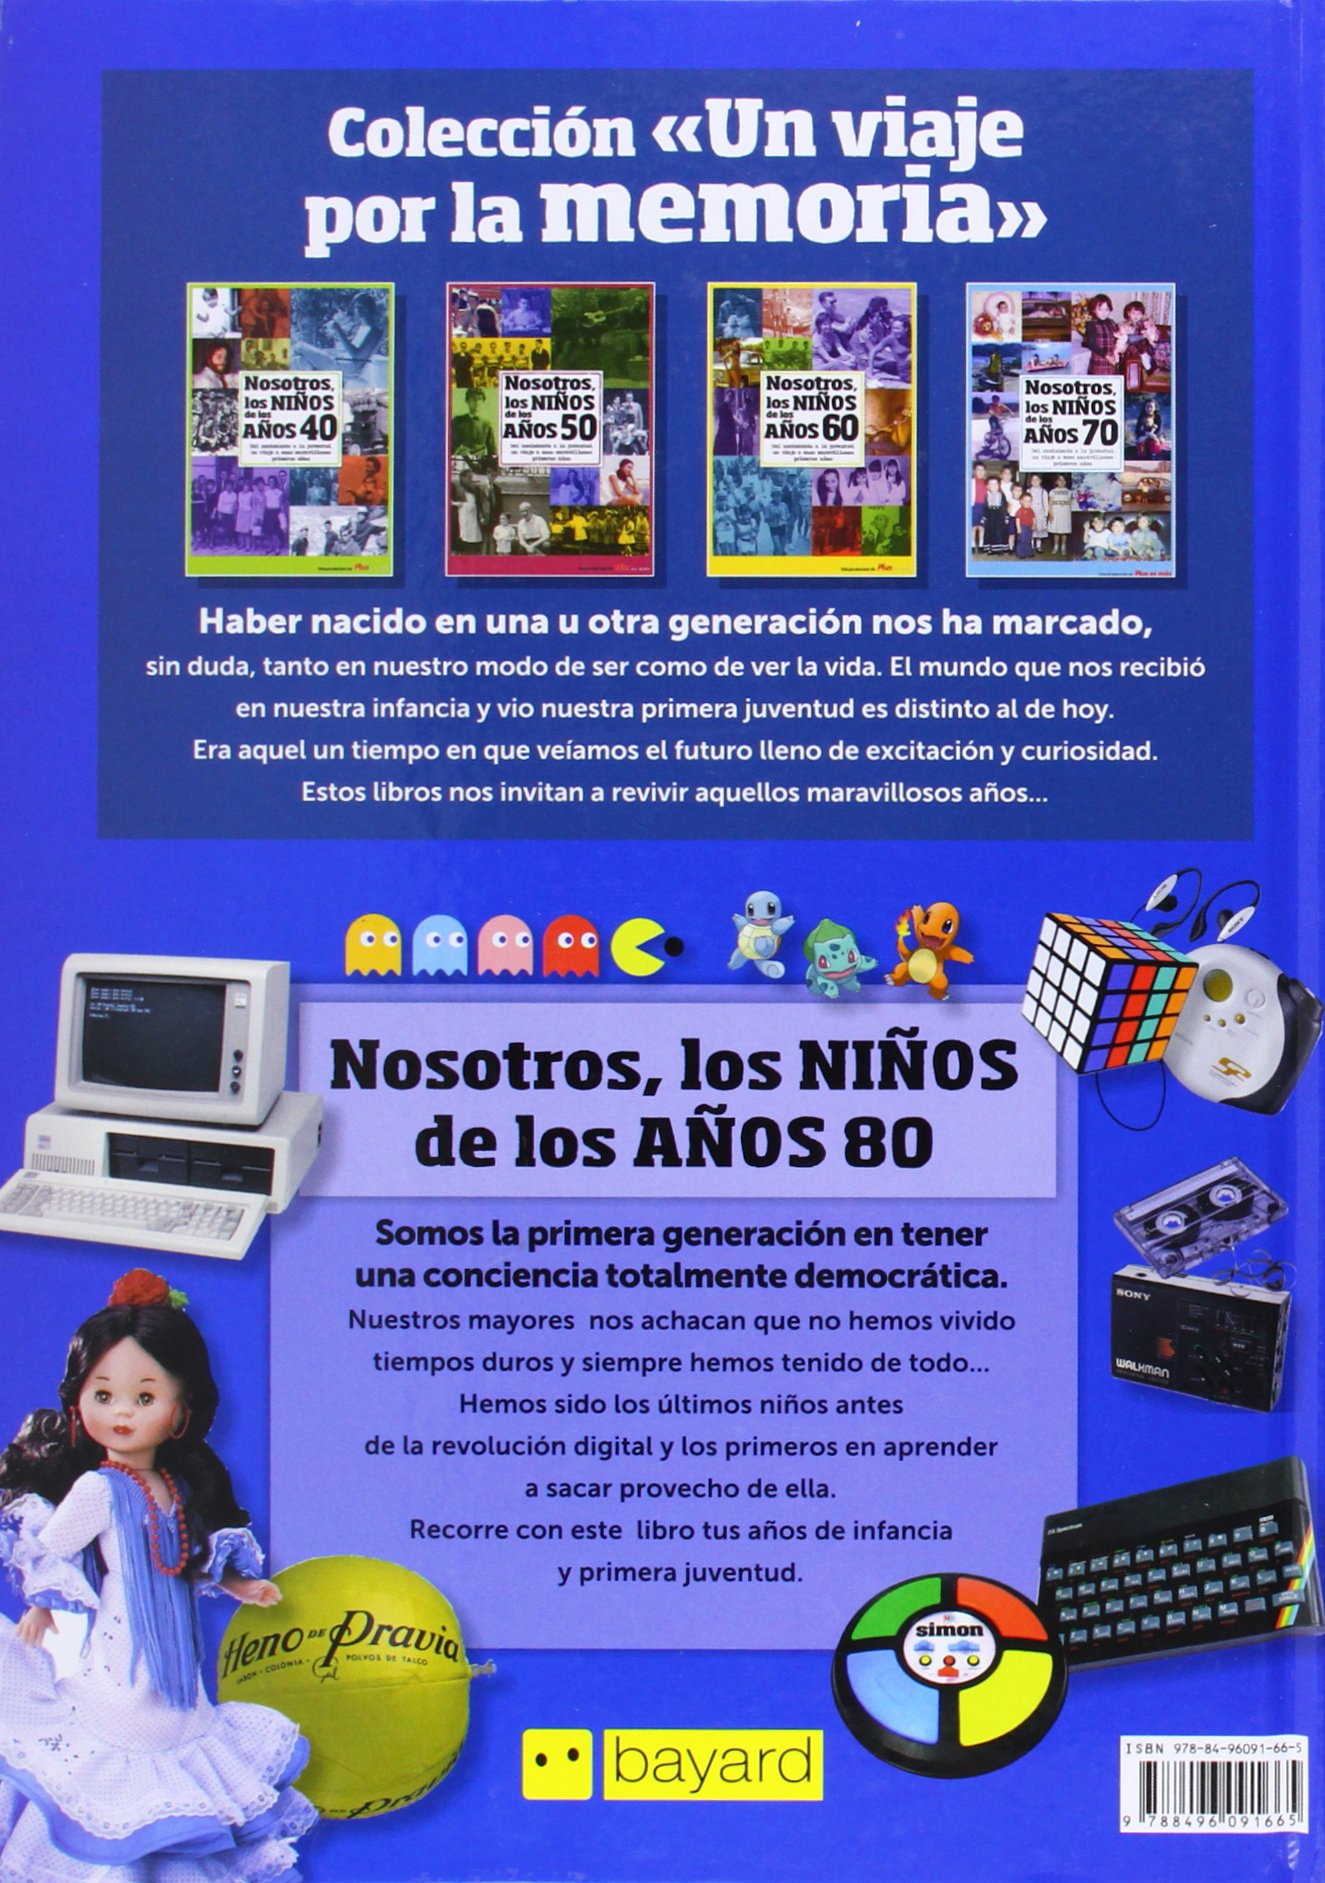 Nosotros Los Niños De Los Años 80 Nosotros Niños De Los Años: Amazon.es: Vv.Aa.: Libros